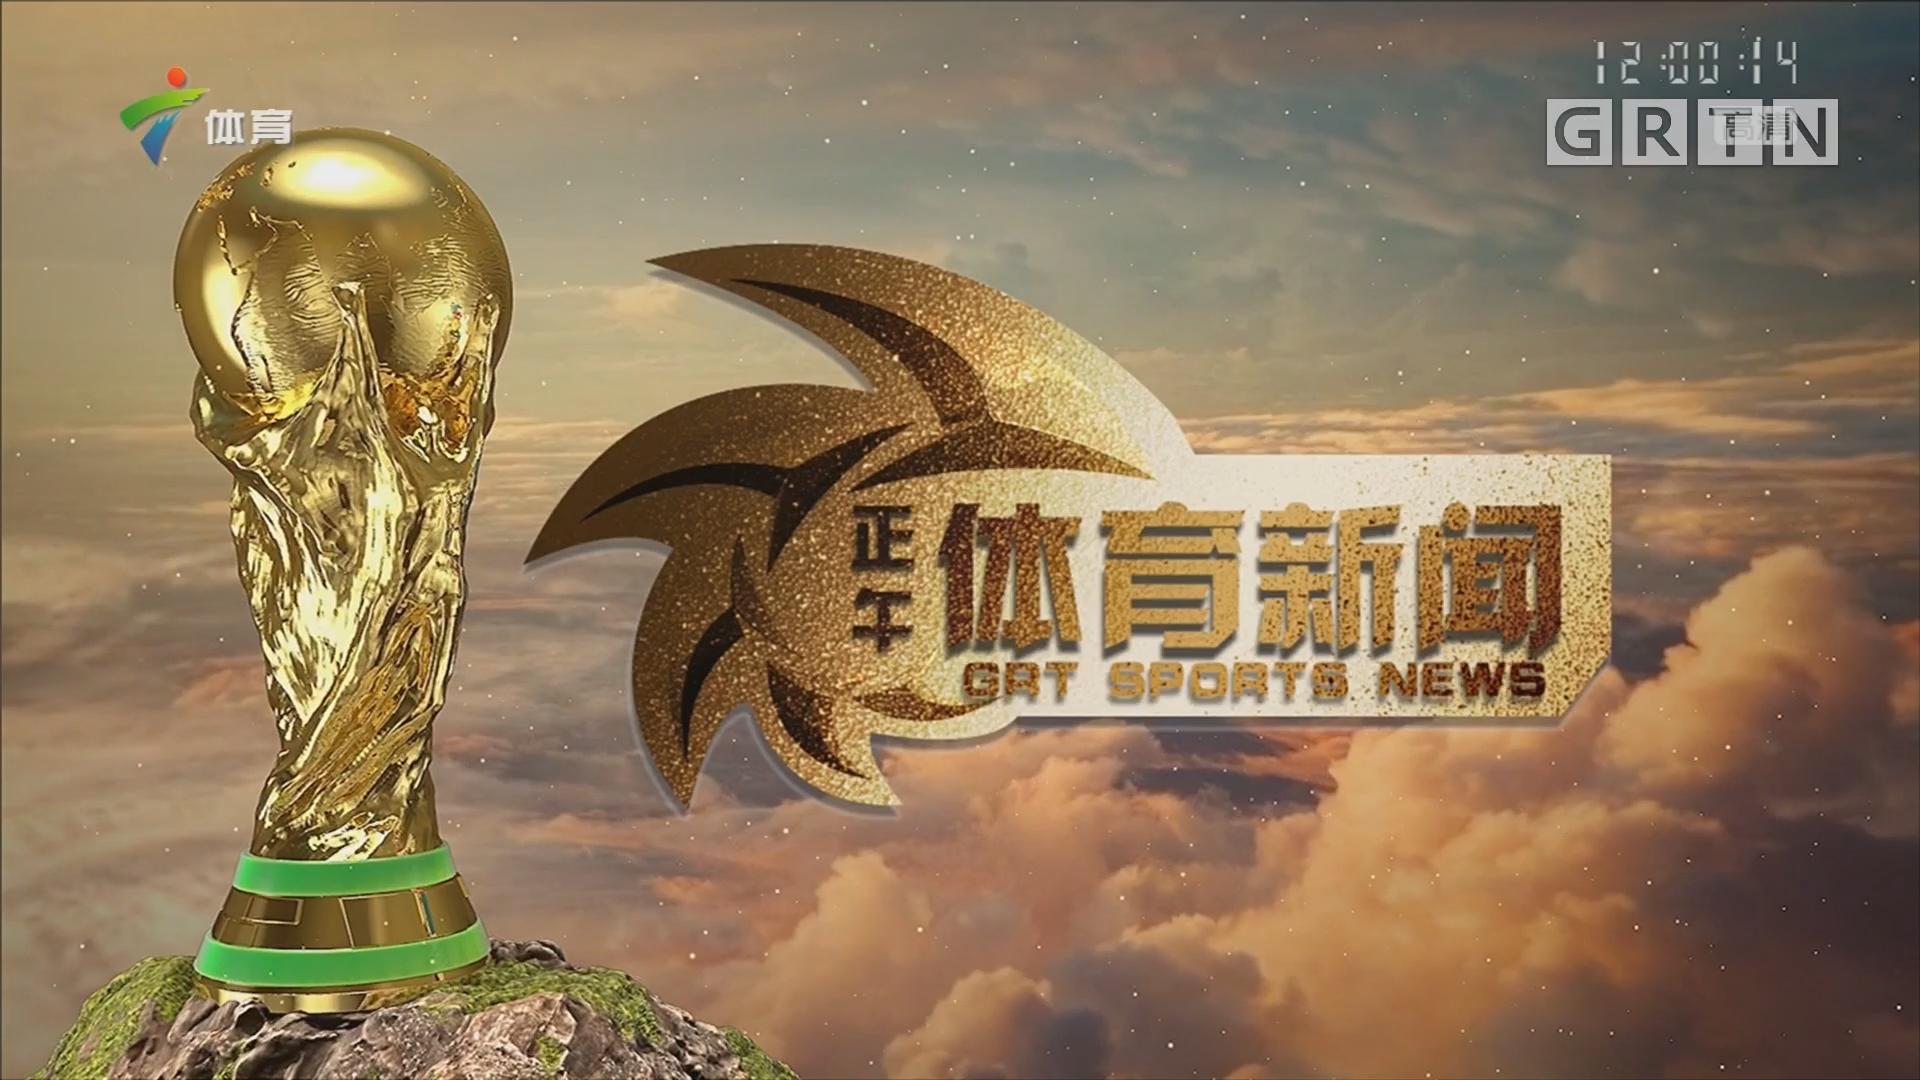 [HD][2018-07-06]正午体育新闻:C罗铁定离开皇马 加盟尤文只待官宣?